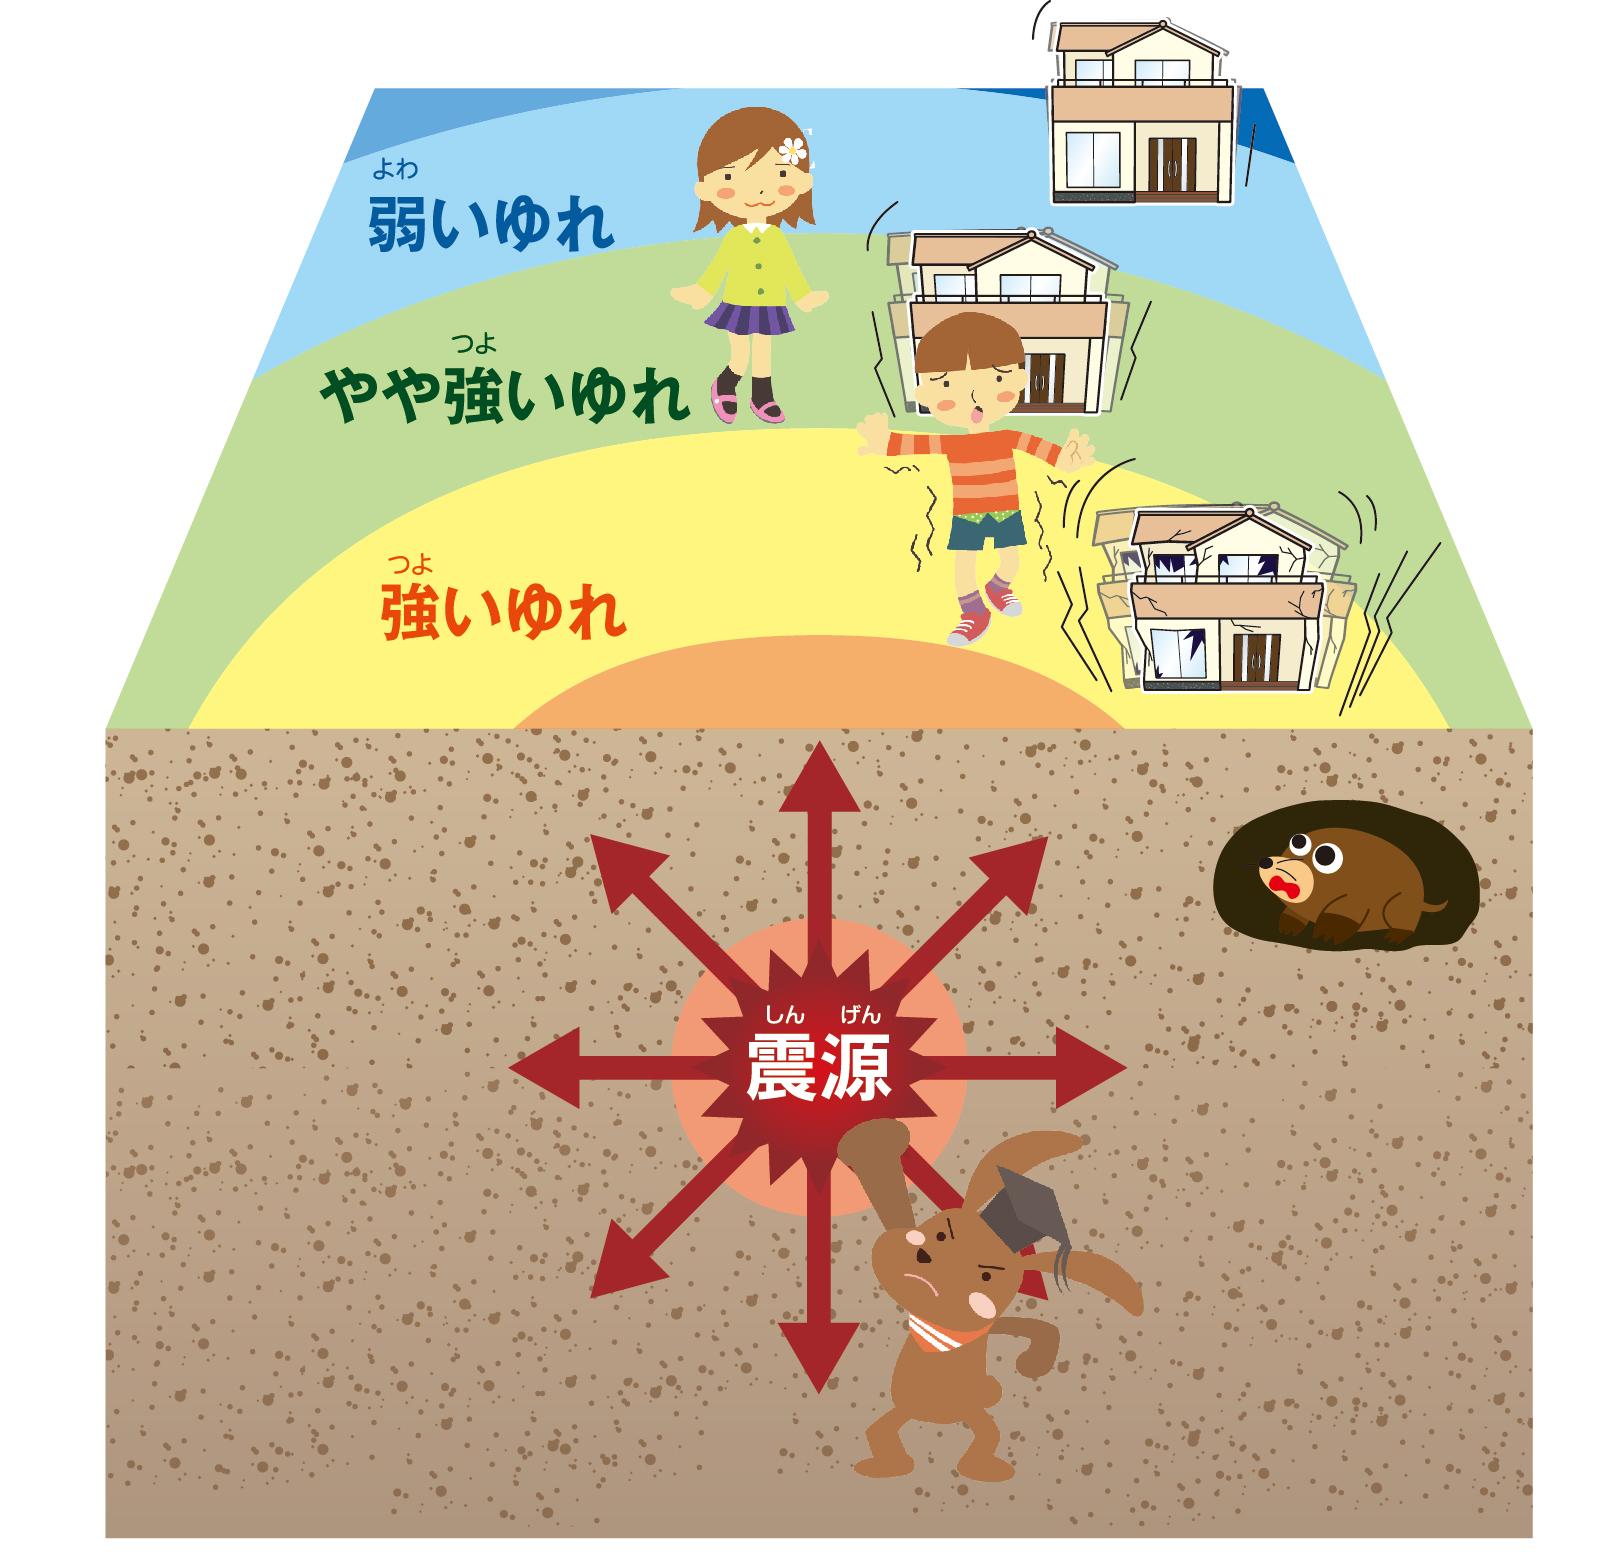 マグニチュード・震度 | 地震本...